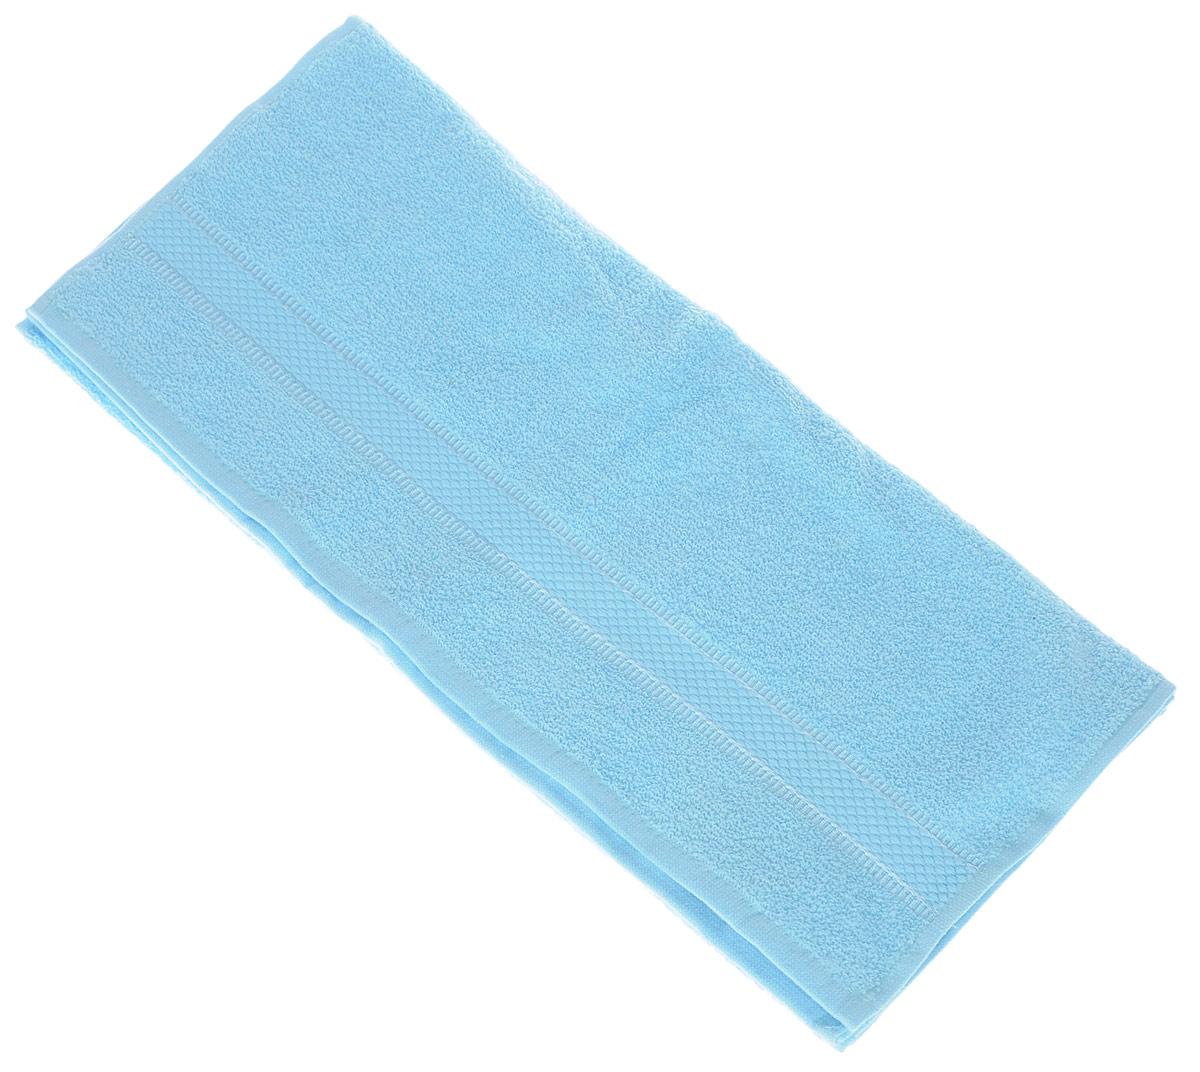 Полотенце Brielle Basic, цвет: бирюзовый, 50 х 85 см391602Полотенце Brielle Basic выполнено из 100% хлопка. Изделие очень мягкое, оно отлично впитывает влагу, быстро сохнет, сохраняет яркость цвета и не теряет формы даже после многократных стирок. Лаконичные бордюры подойдут для любого интерьера ванной комнаты. Полотенце прекрасно впитывает влагу и быстро сохнет. При соблюдении рекомендаций по уходу не линяет и не теряет форму даже после многократных стирок.Полотенце Brielle Basic очень практично и неприхотливо в уходе.Такое полотенце послужит приятным подарком.